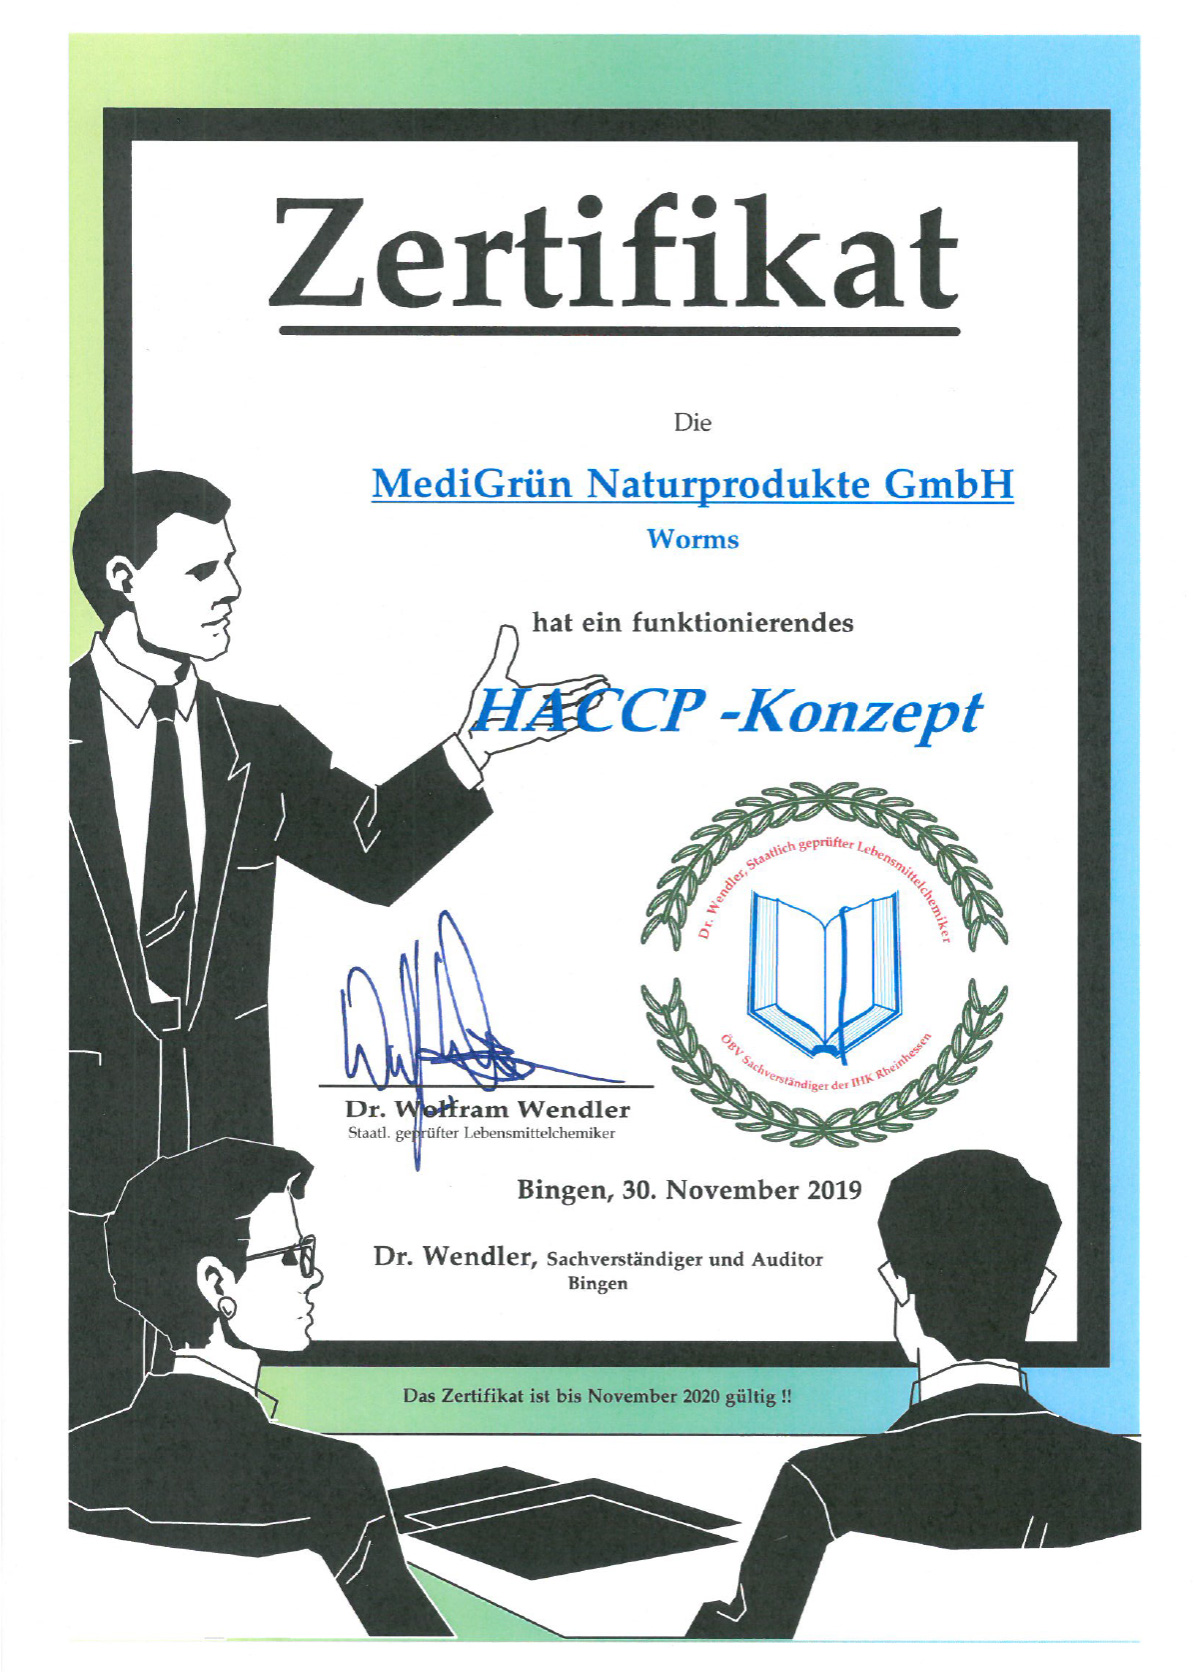 Zertifikat HACCP-Konzept